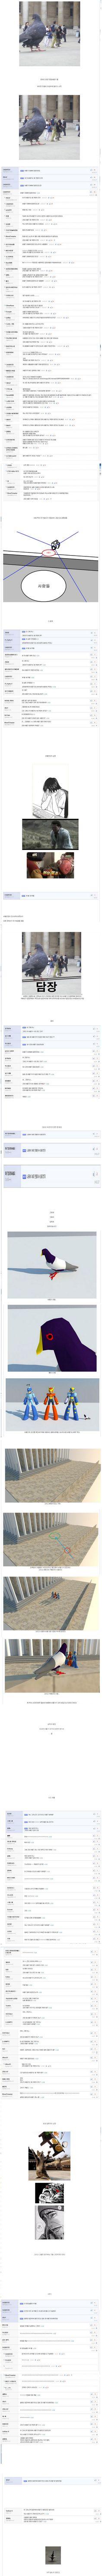 비둘기 밑에 담장 있어요.